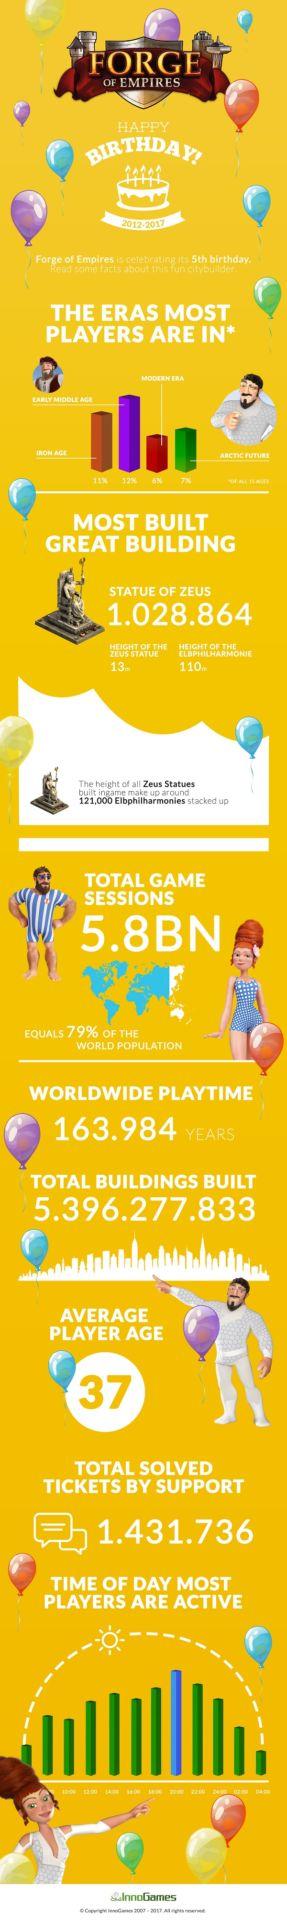 2017_foe_infographic_05_b_final_en_1